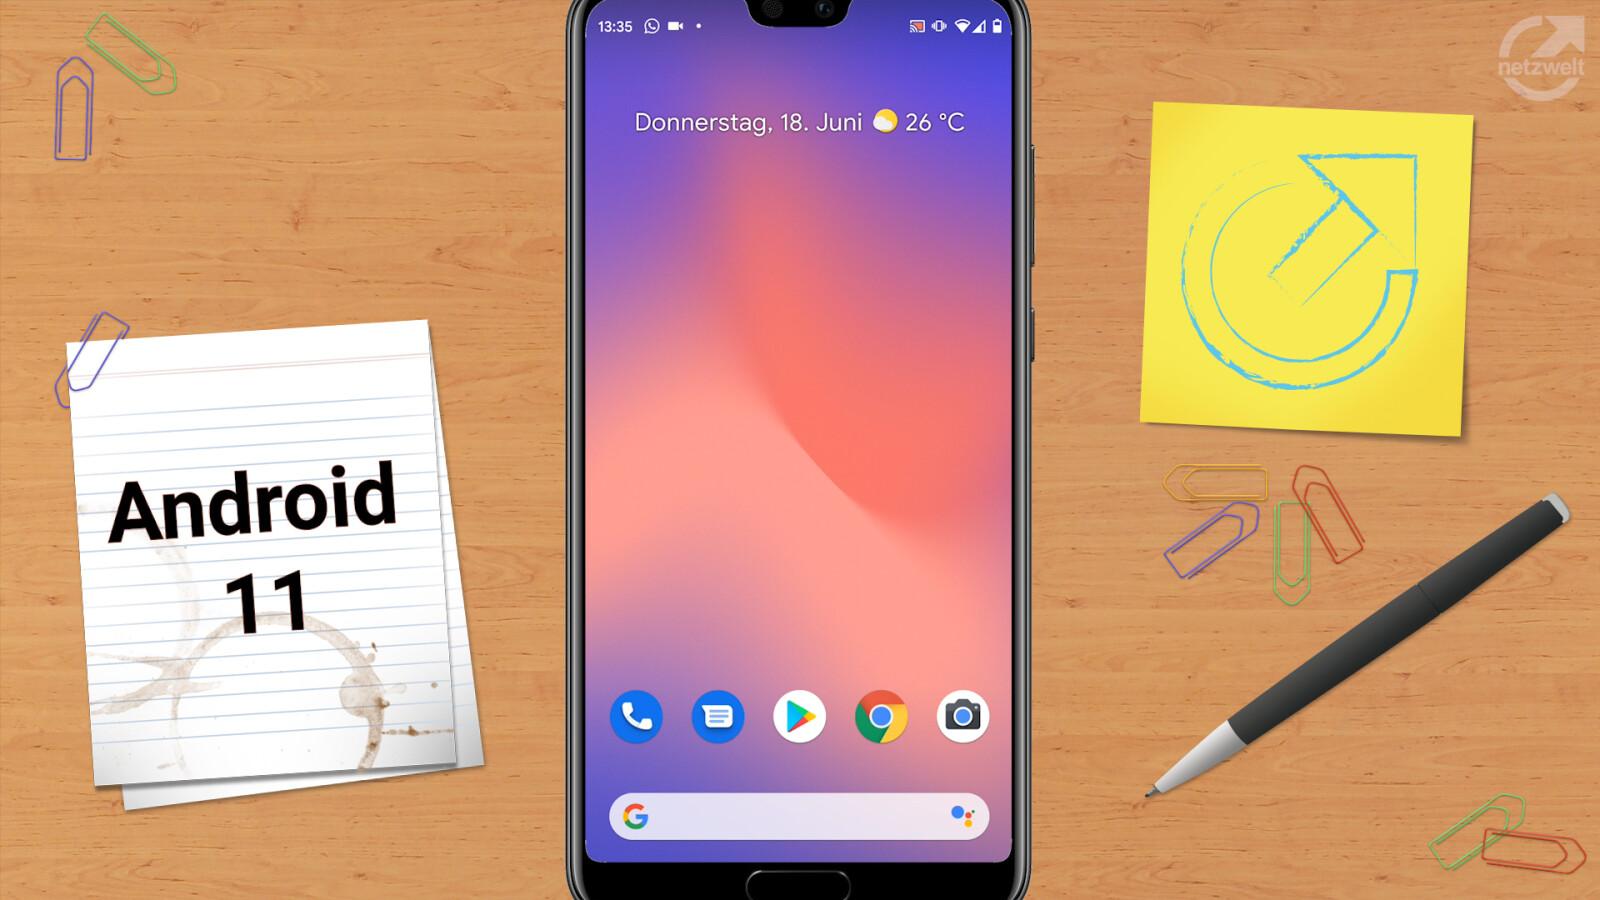 Android Handy Werbung Poppt Auf